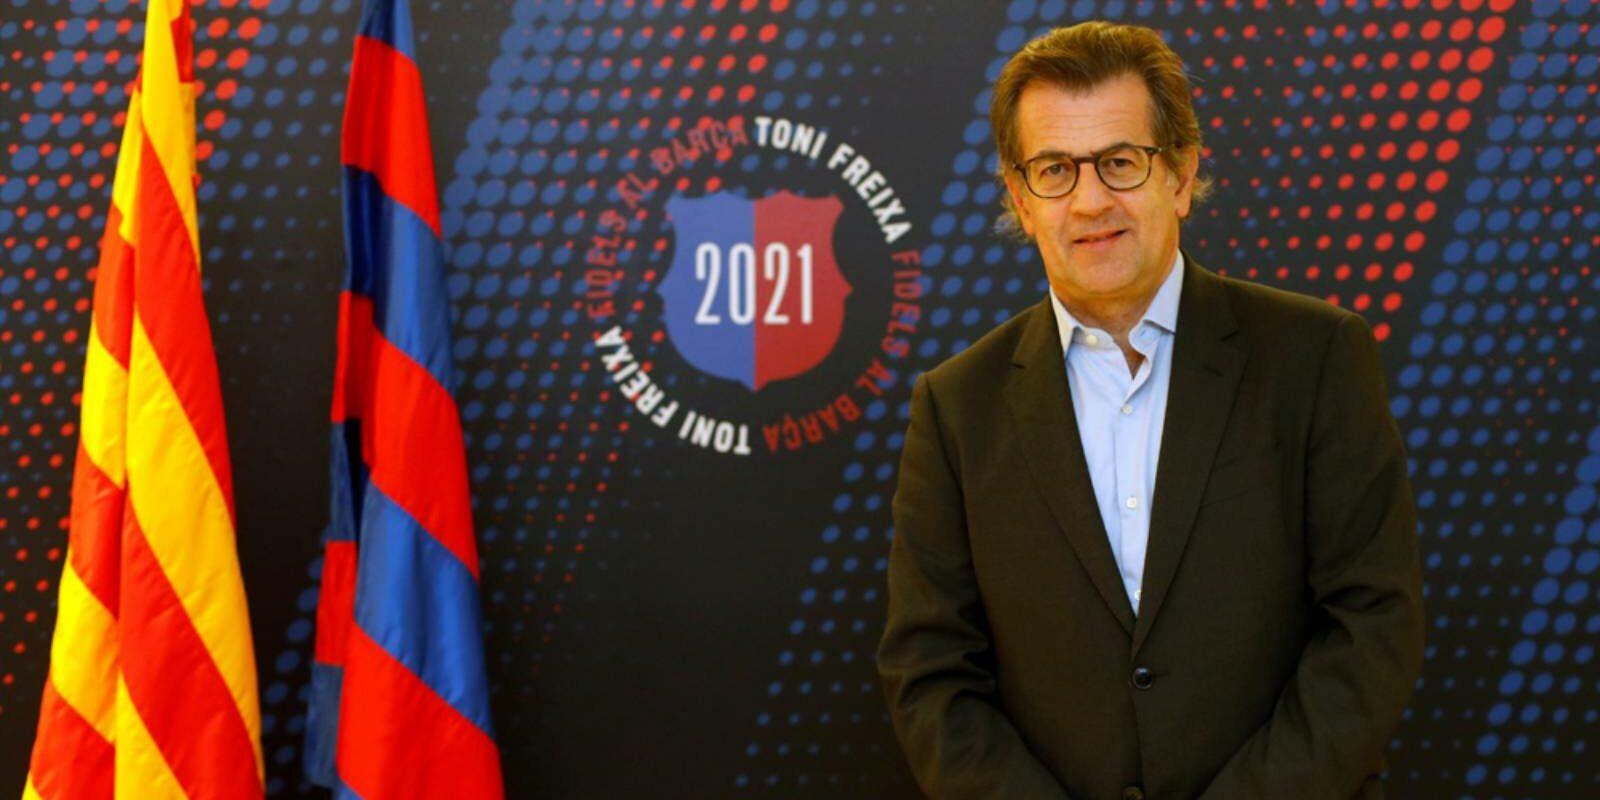 Toni Freixa, candidat a la presidència del Barça | Fidels al Barça